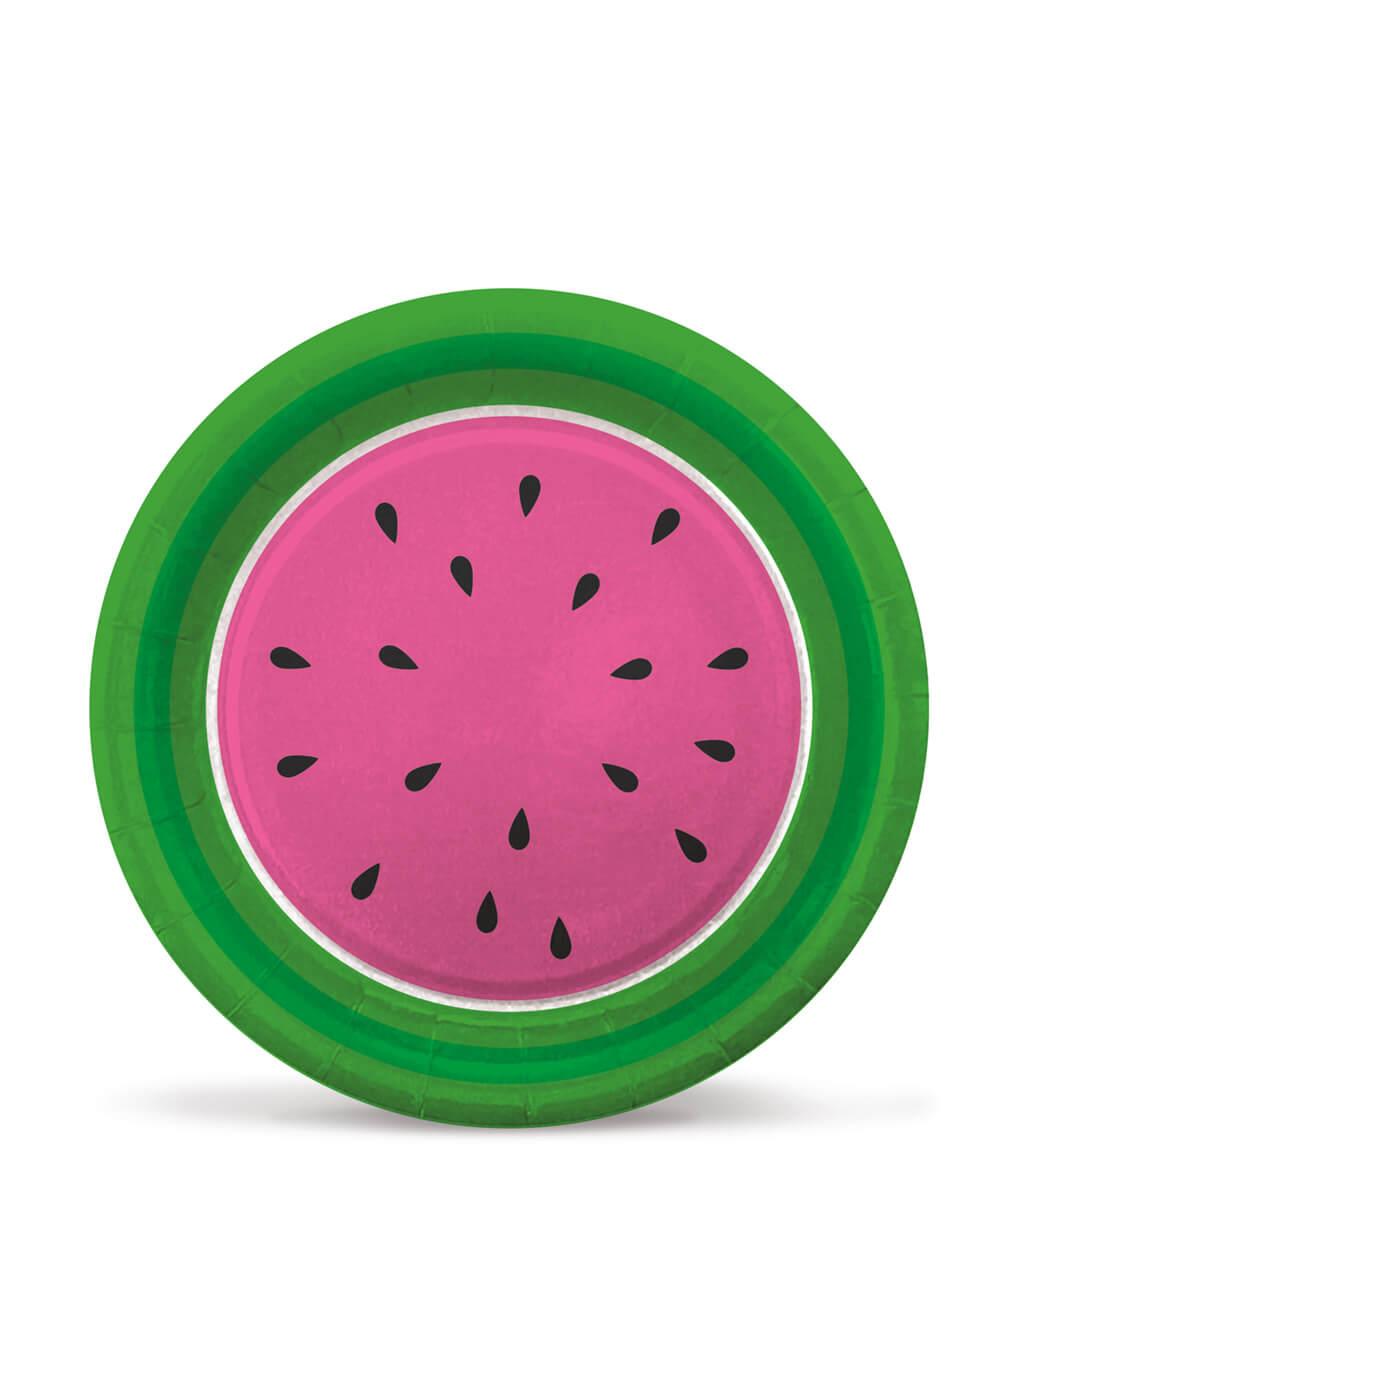 Imagen de producto: https://tienda.postreadiccion.com/img/articulos/secundarias12985-8-platos-surtidos-de-fruta-4.jpg